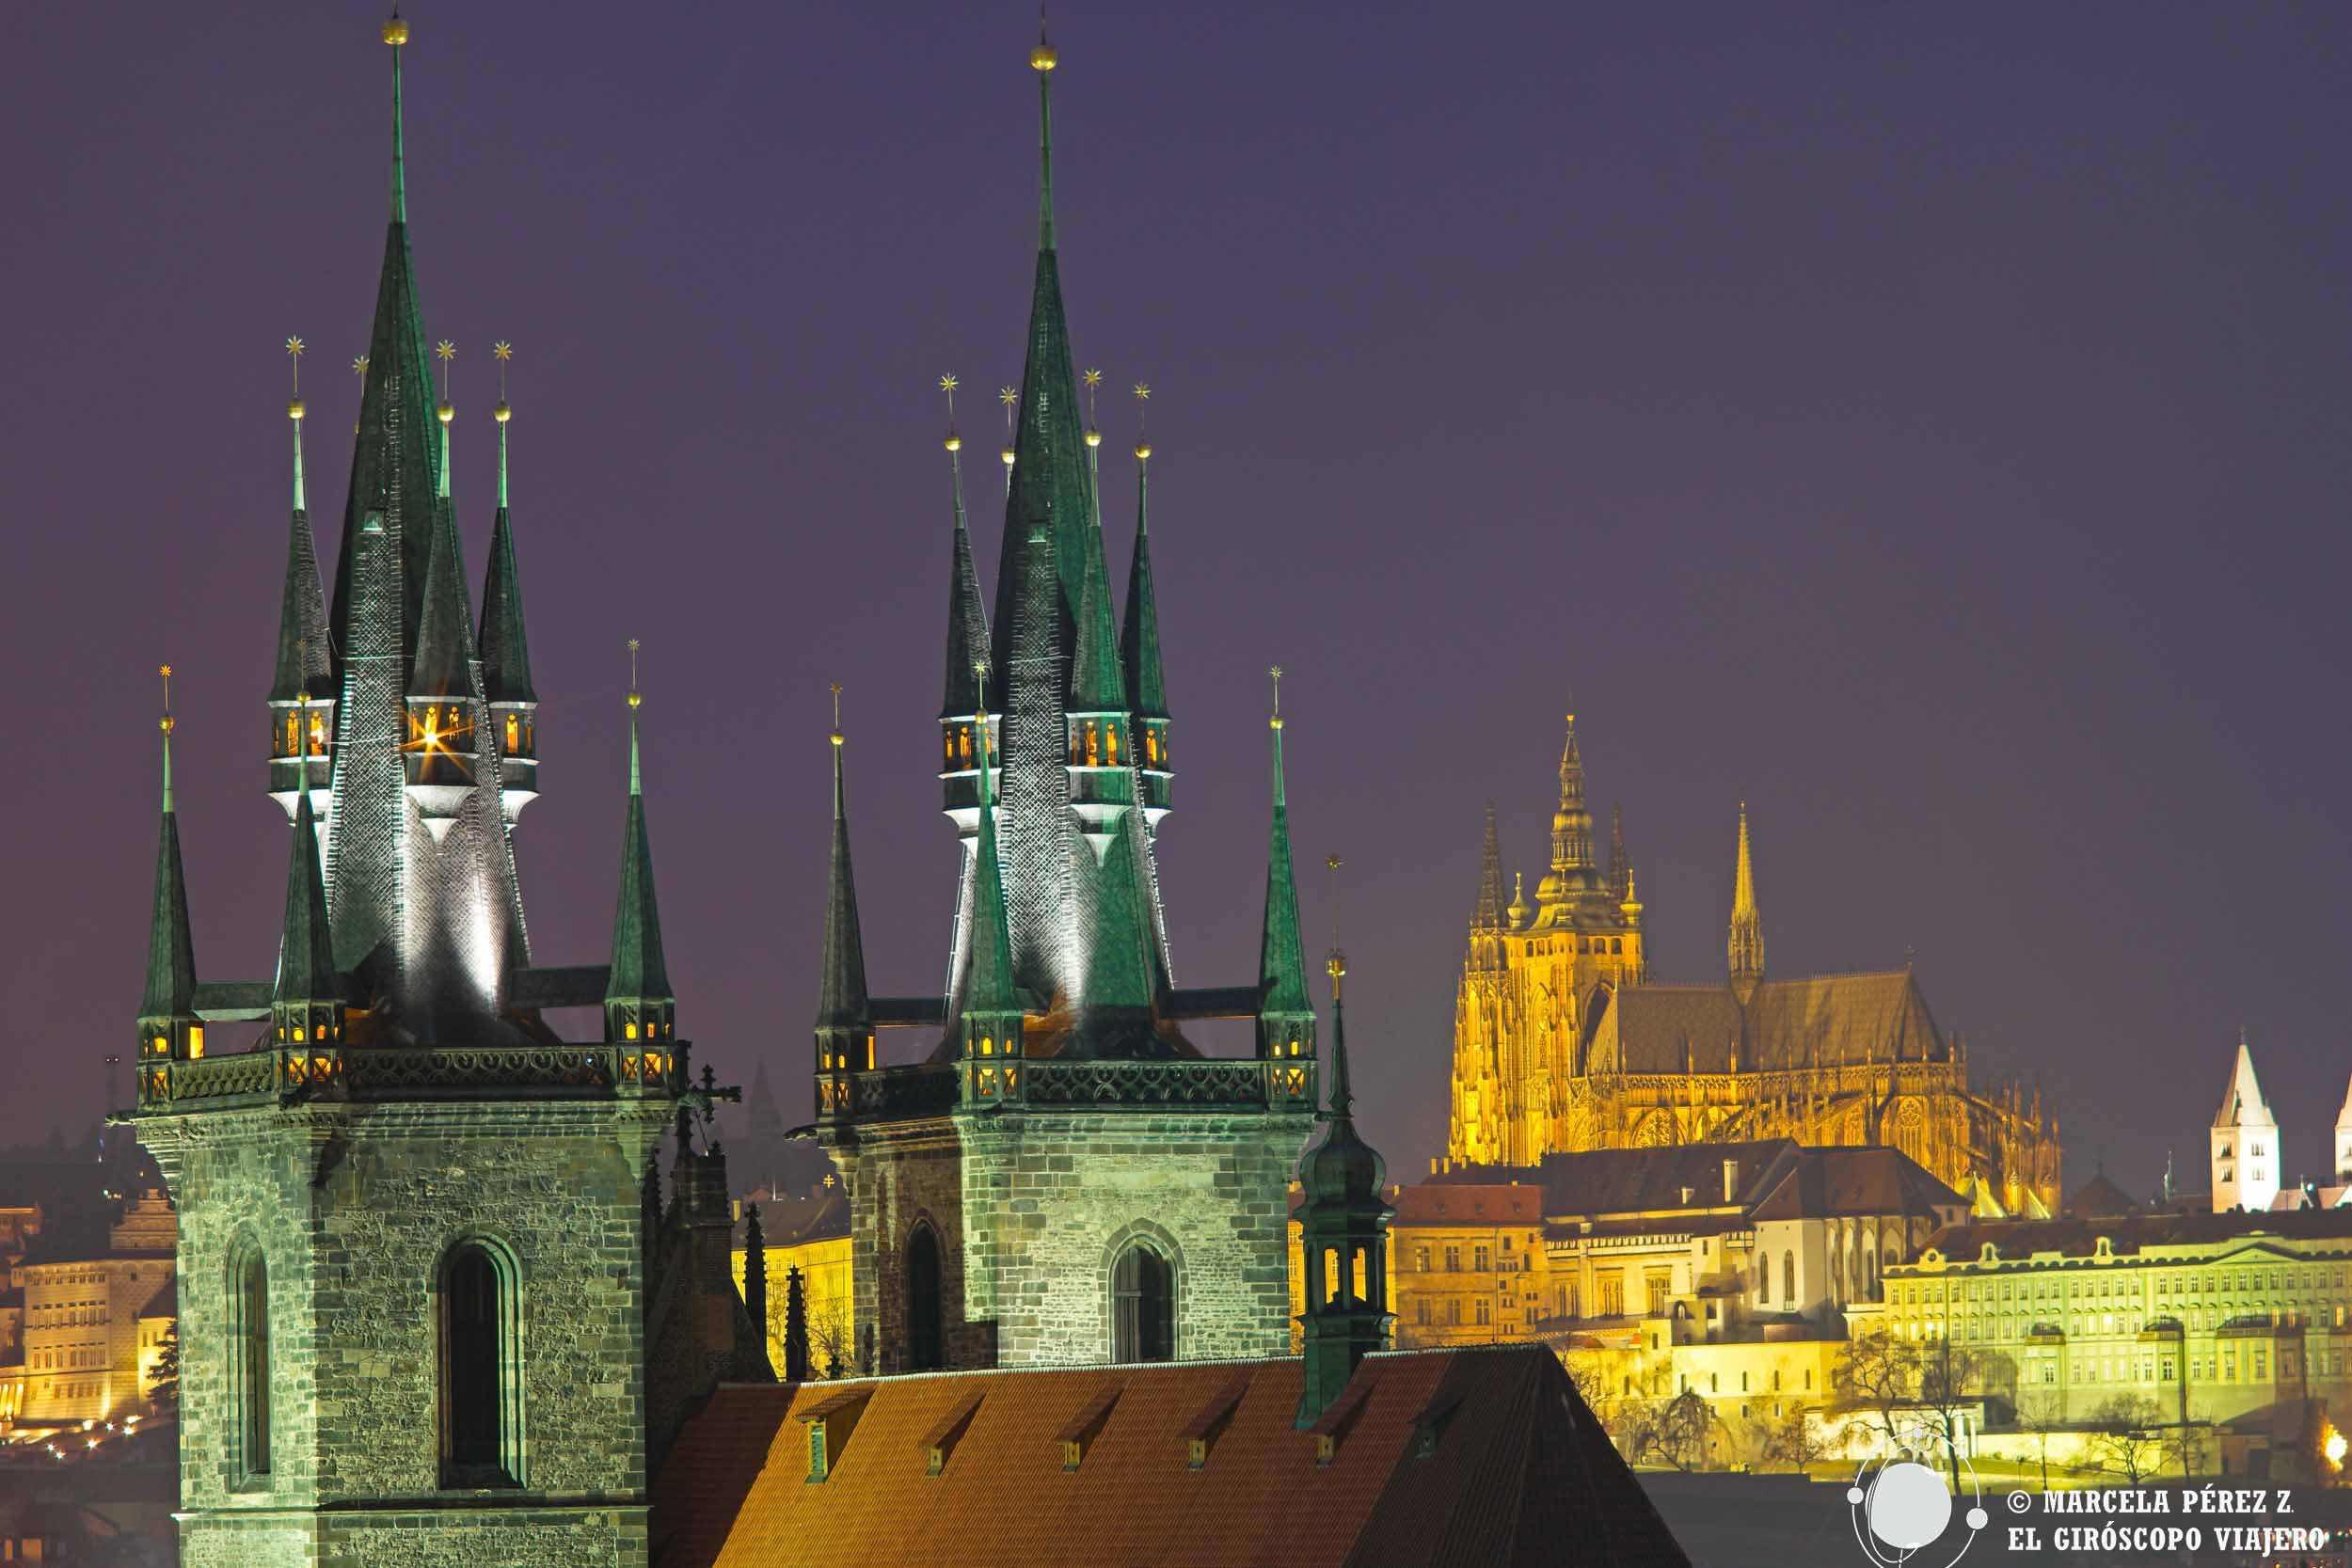 Torres de la Iglesia de Tyn en el cielo de Praga